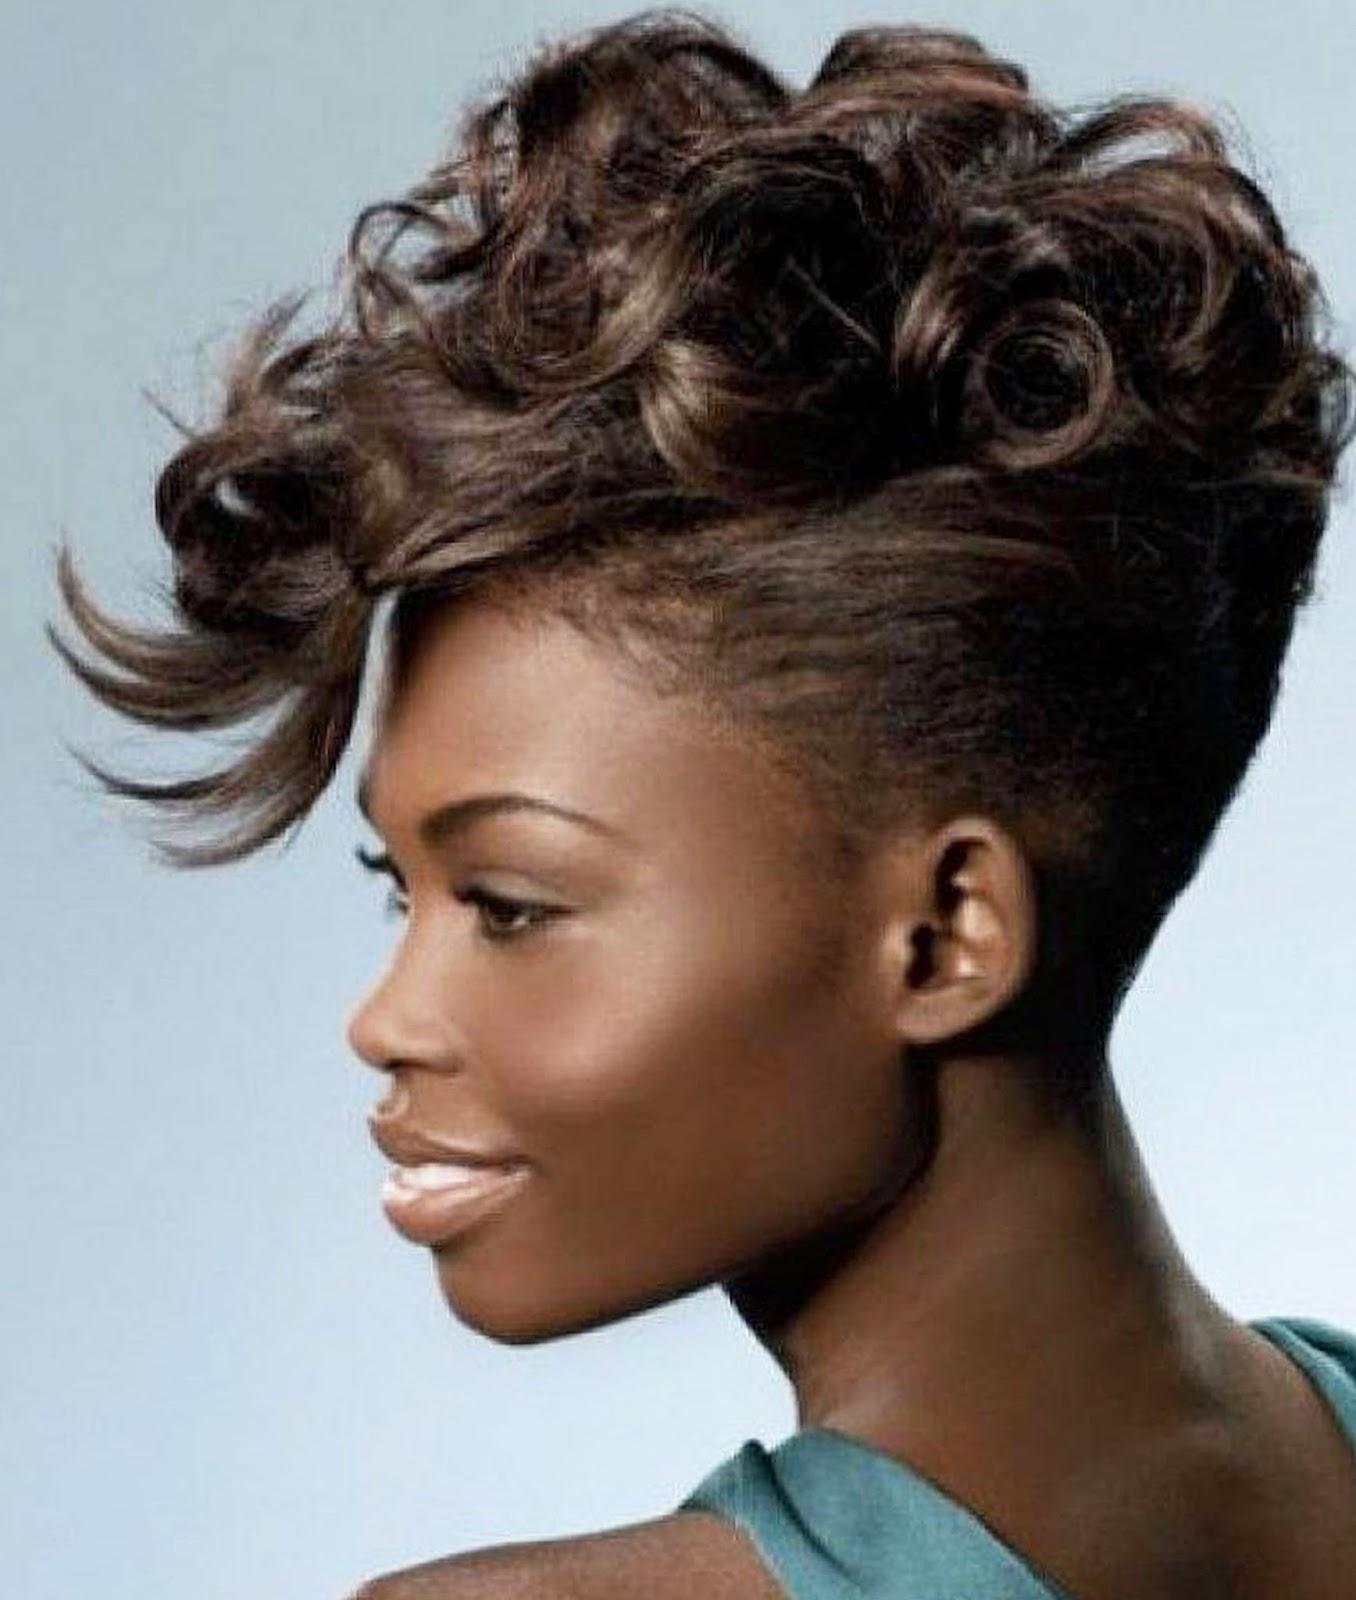 Mohawk Styles for Black Women